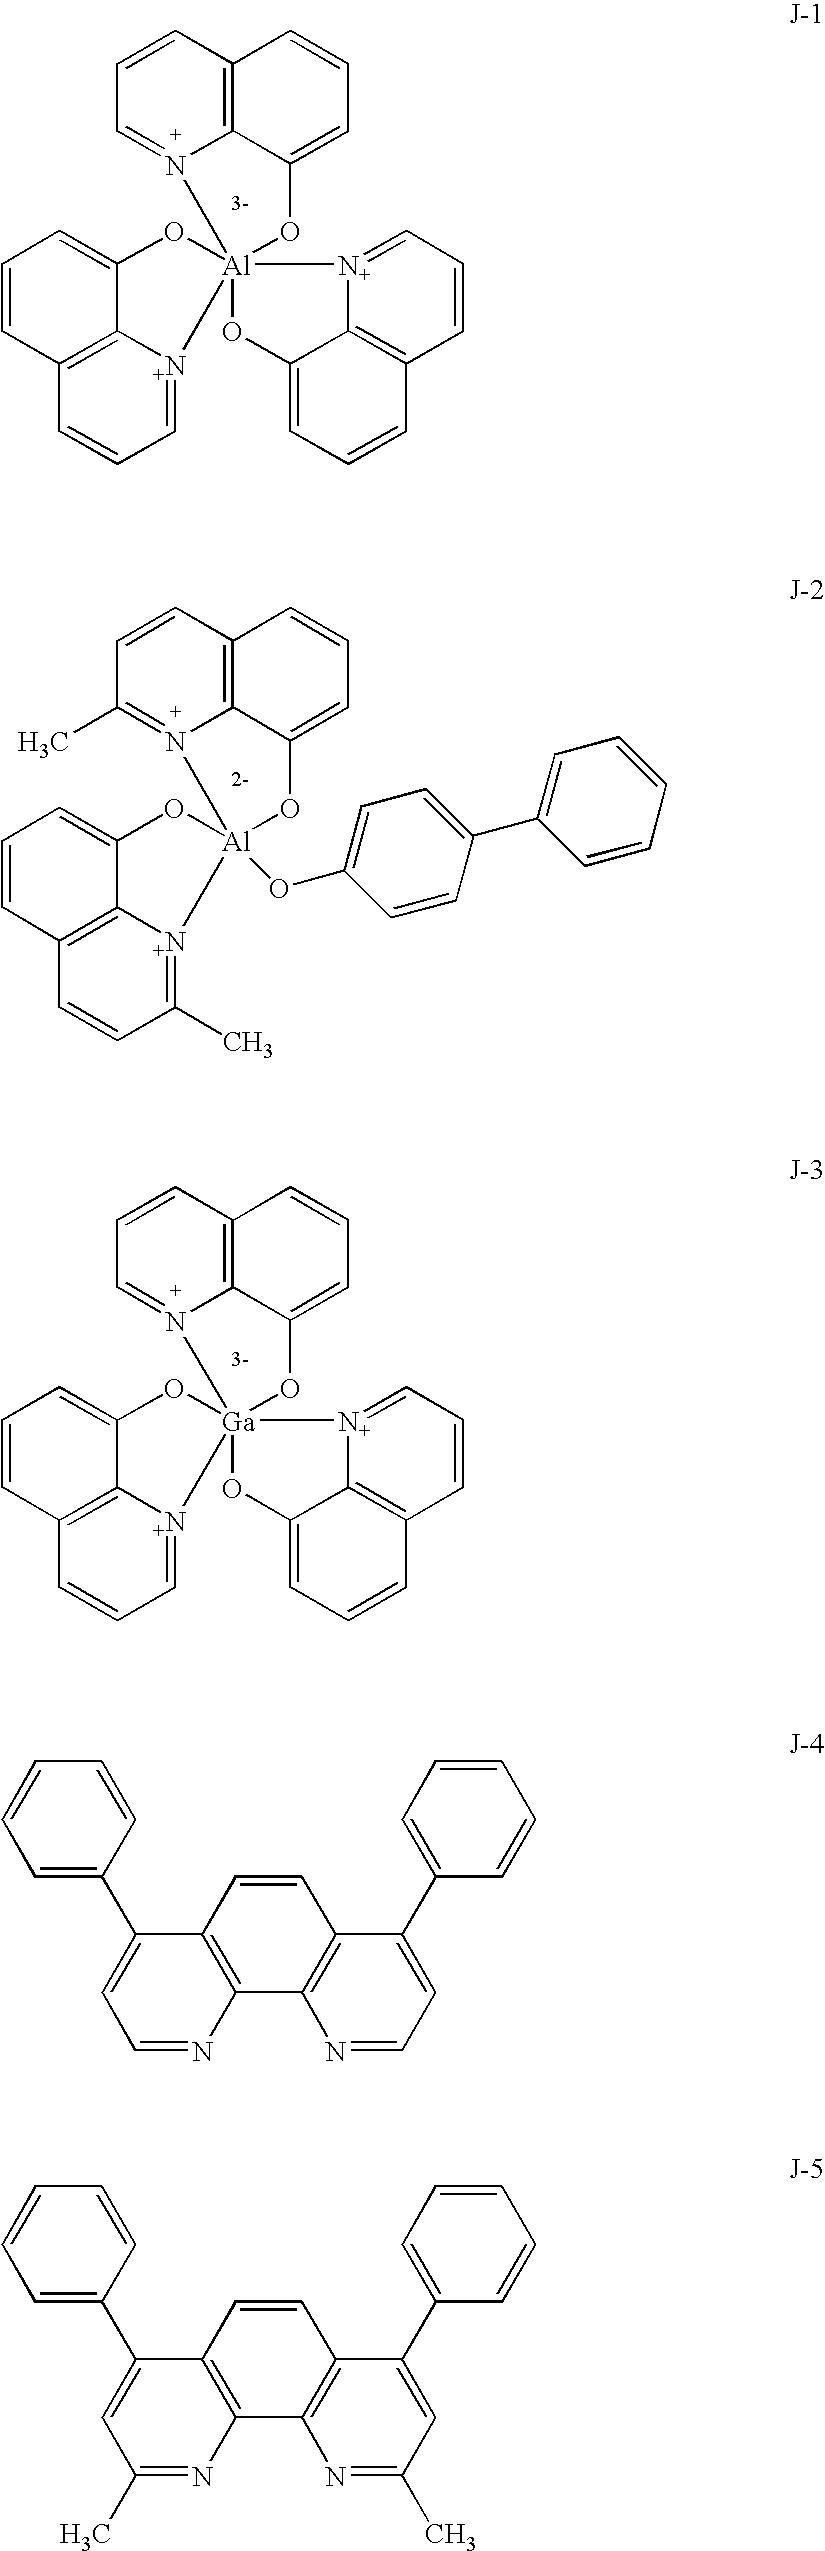 Figure US20070048545A1-20070301-C00011